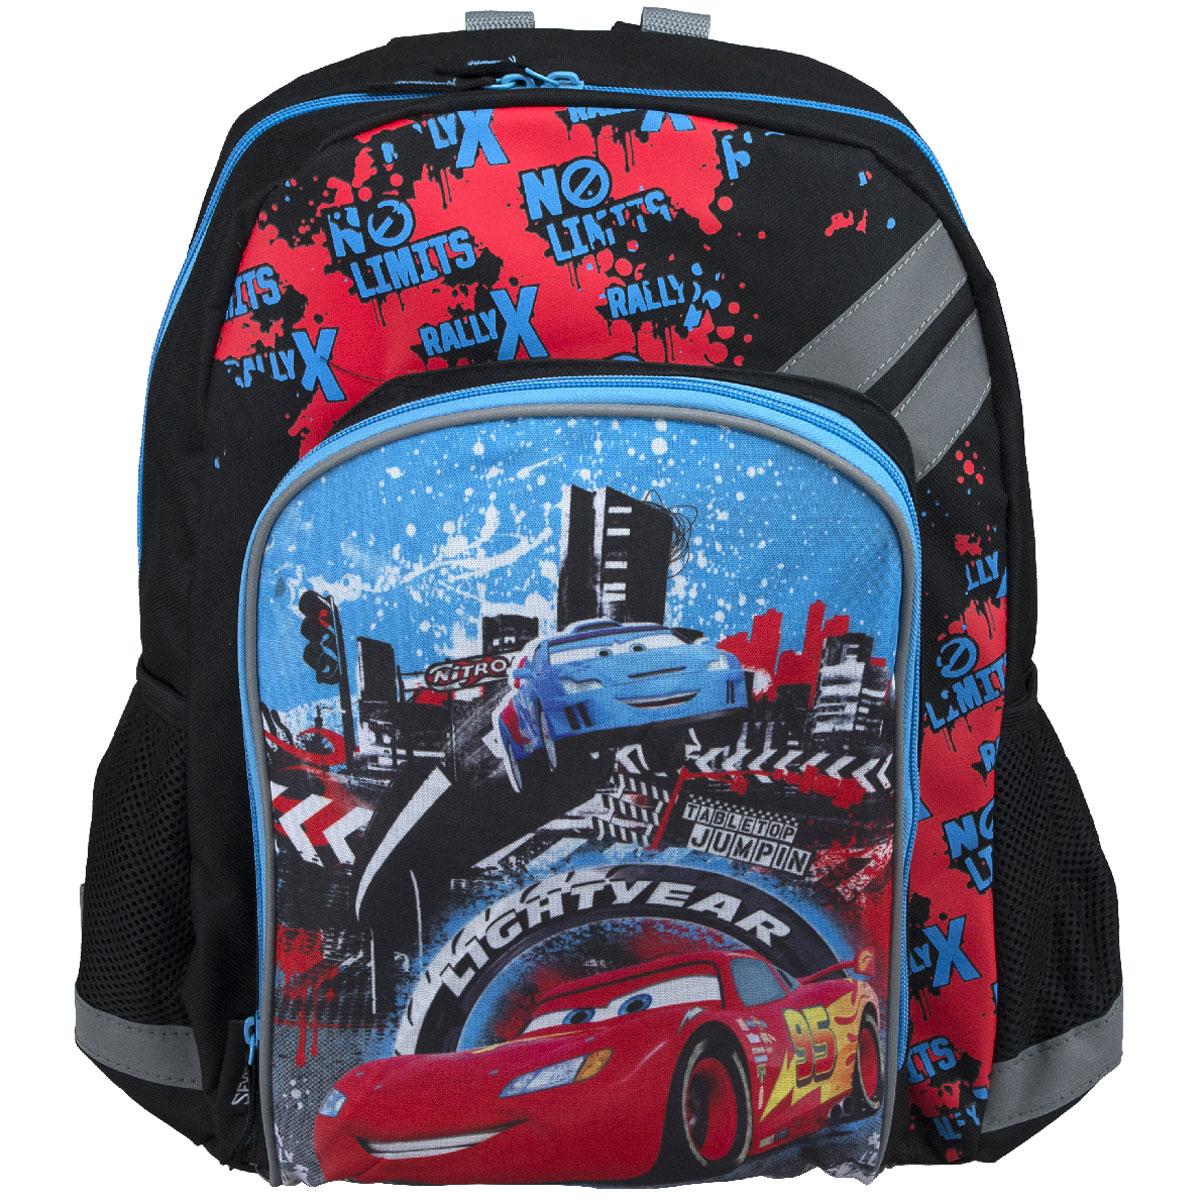 Рюкзак школьный Cars, цвет: черный, голубой, красный. CRCB-MT1-988MCRCB-MT1-988MРюкзак школьный Cars обязательно привлечет внимание вашего школьника. Выполнен из прочных и высококачественных материалов, дополнен изображением героев из мультфильма Тачки.Содержит одно вместительное отделение, закрывающееся на застежку-молнию с двумя бегунками. Внутри отделения находятся две перегородки для тетрадей или учебников, фиксирующиеся резинкой. Дно рюкзака можно сделать жестким, разложив специальную панель с пластиковой вставкой, что повышает сохранность содержимого рюкзака и способствует правильному распределению нагрузки. Лицевая сторона оснащена накладным карманом на молнии. По бокам расположены два накладных кармана-сетка. Конструкция спинки дополнена противоскользящей сеточкой и системой вентиляции для предотвращения запотевания спины ребенка. Мягкие широкие лямки S-образной позволяют легко и быстро отрегулировать рюкзак в соответствии с ростом. Рюкзак оснащен текстильной ручкой для удобной переноски в руке. Светоотражающие элементы обеспечивают безопасность в темное время суток.Такой школьный рюкзак станет незаменимым спутником вашего ребенка в походах за знаниями.Вес рюкзака без наполнения: 550 г.Рекомендуемый возраст: от 12 лет.